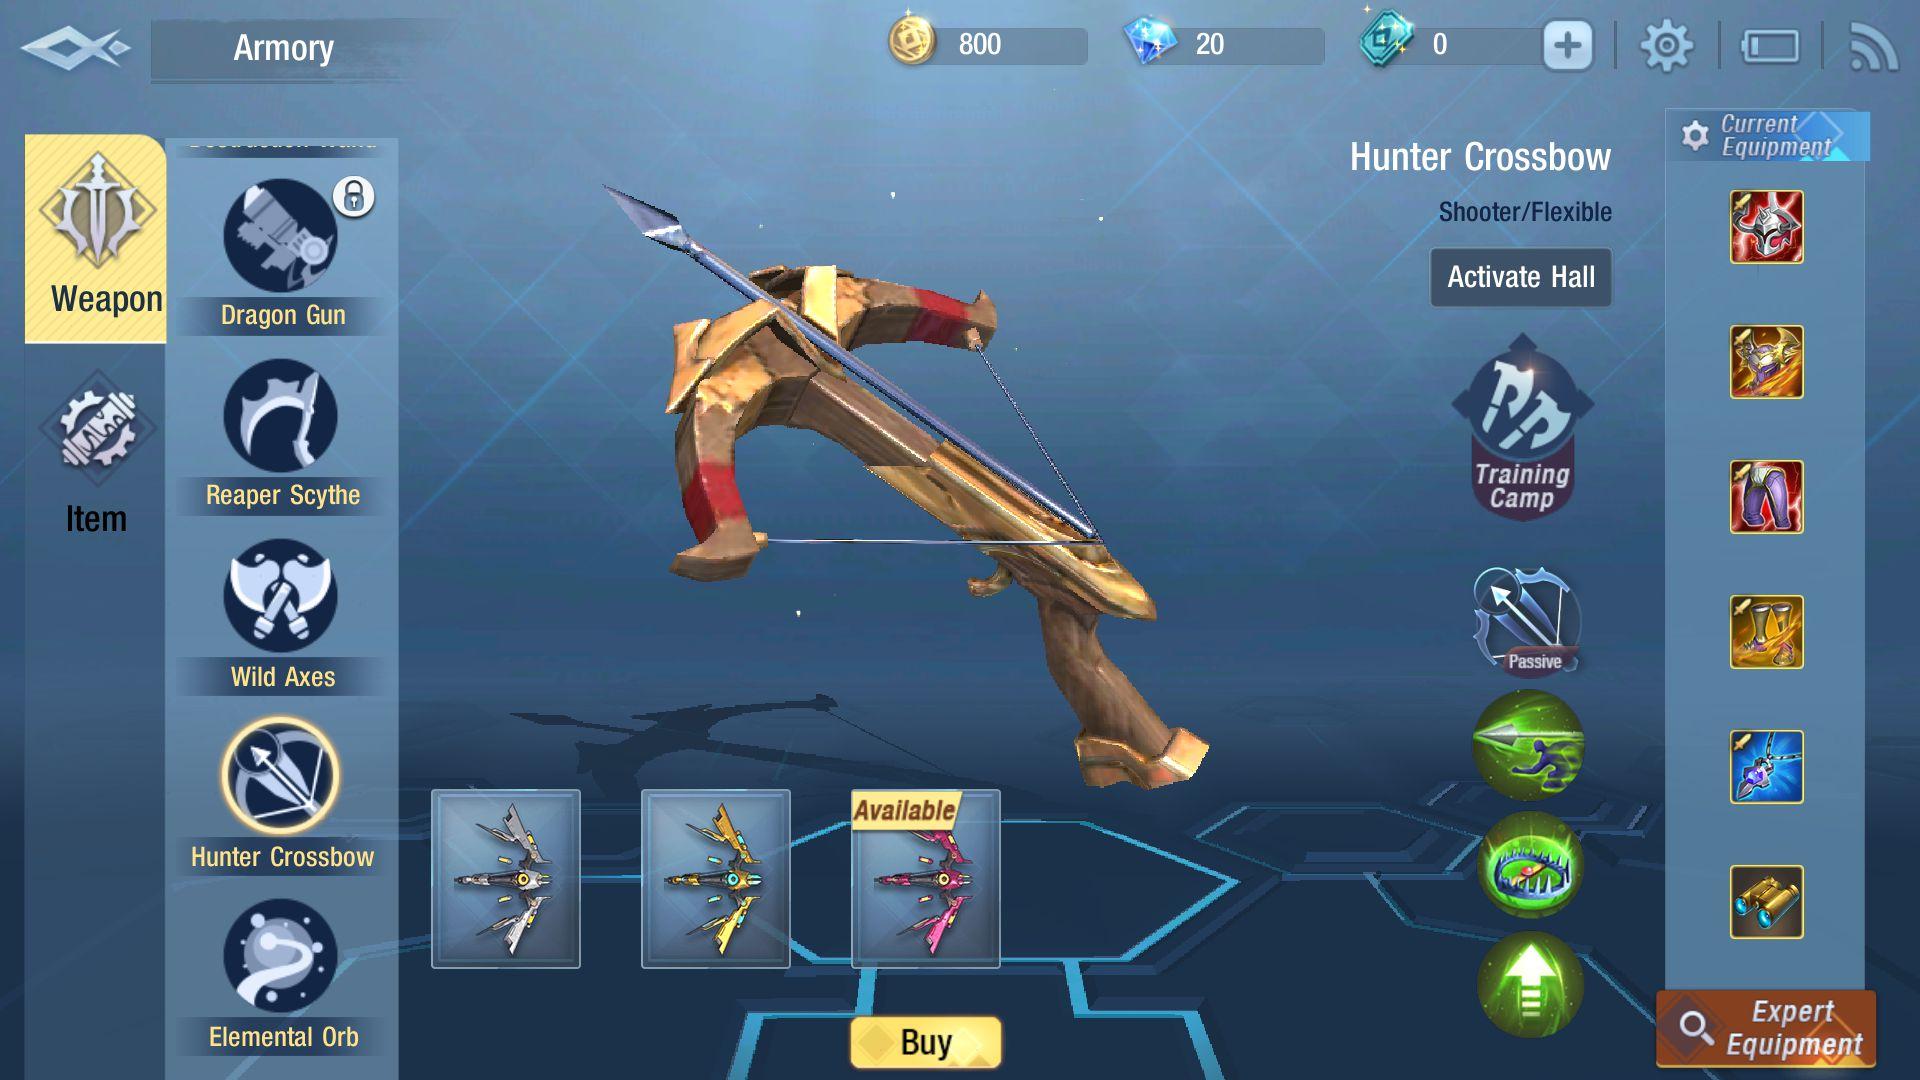 Cách sử dụng vũ khí Nỏ Thần và kết hợp trang bị ngọc Survival Heroes (1)